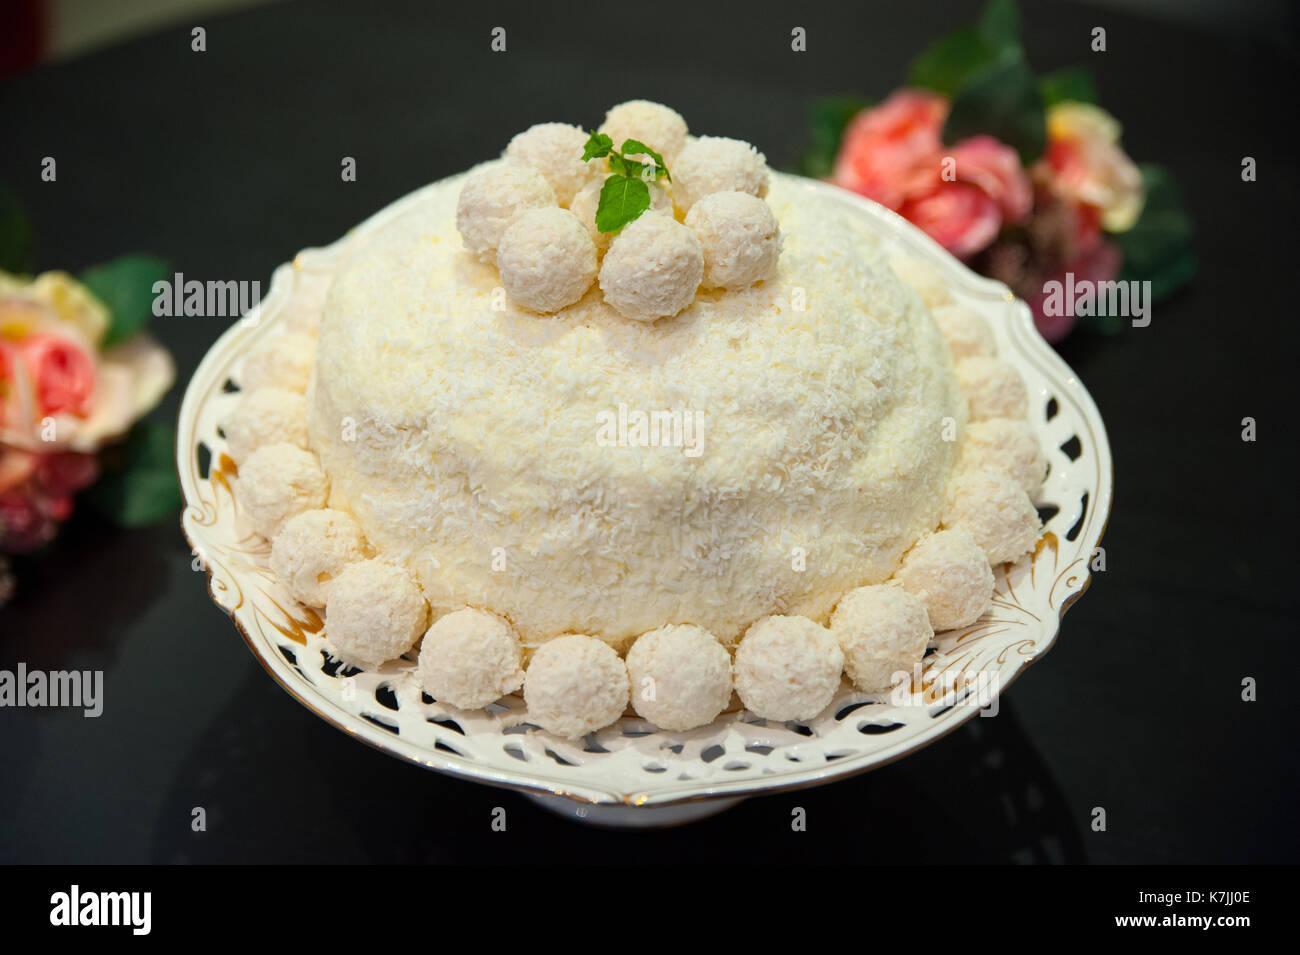 Weisse Schokolade Kuchen Stockfoto Bild 159605166 Alamy